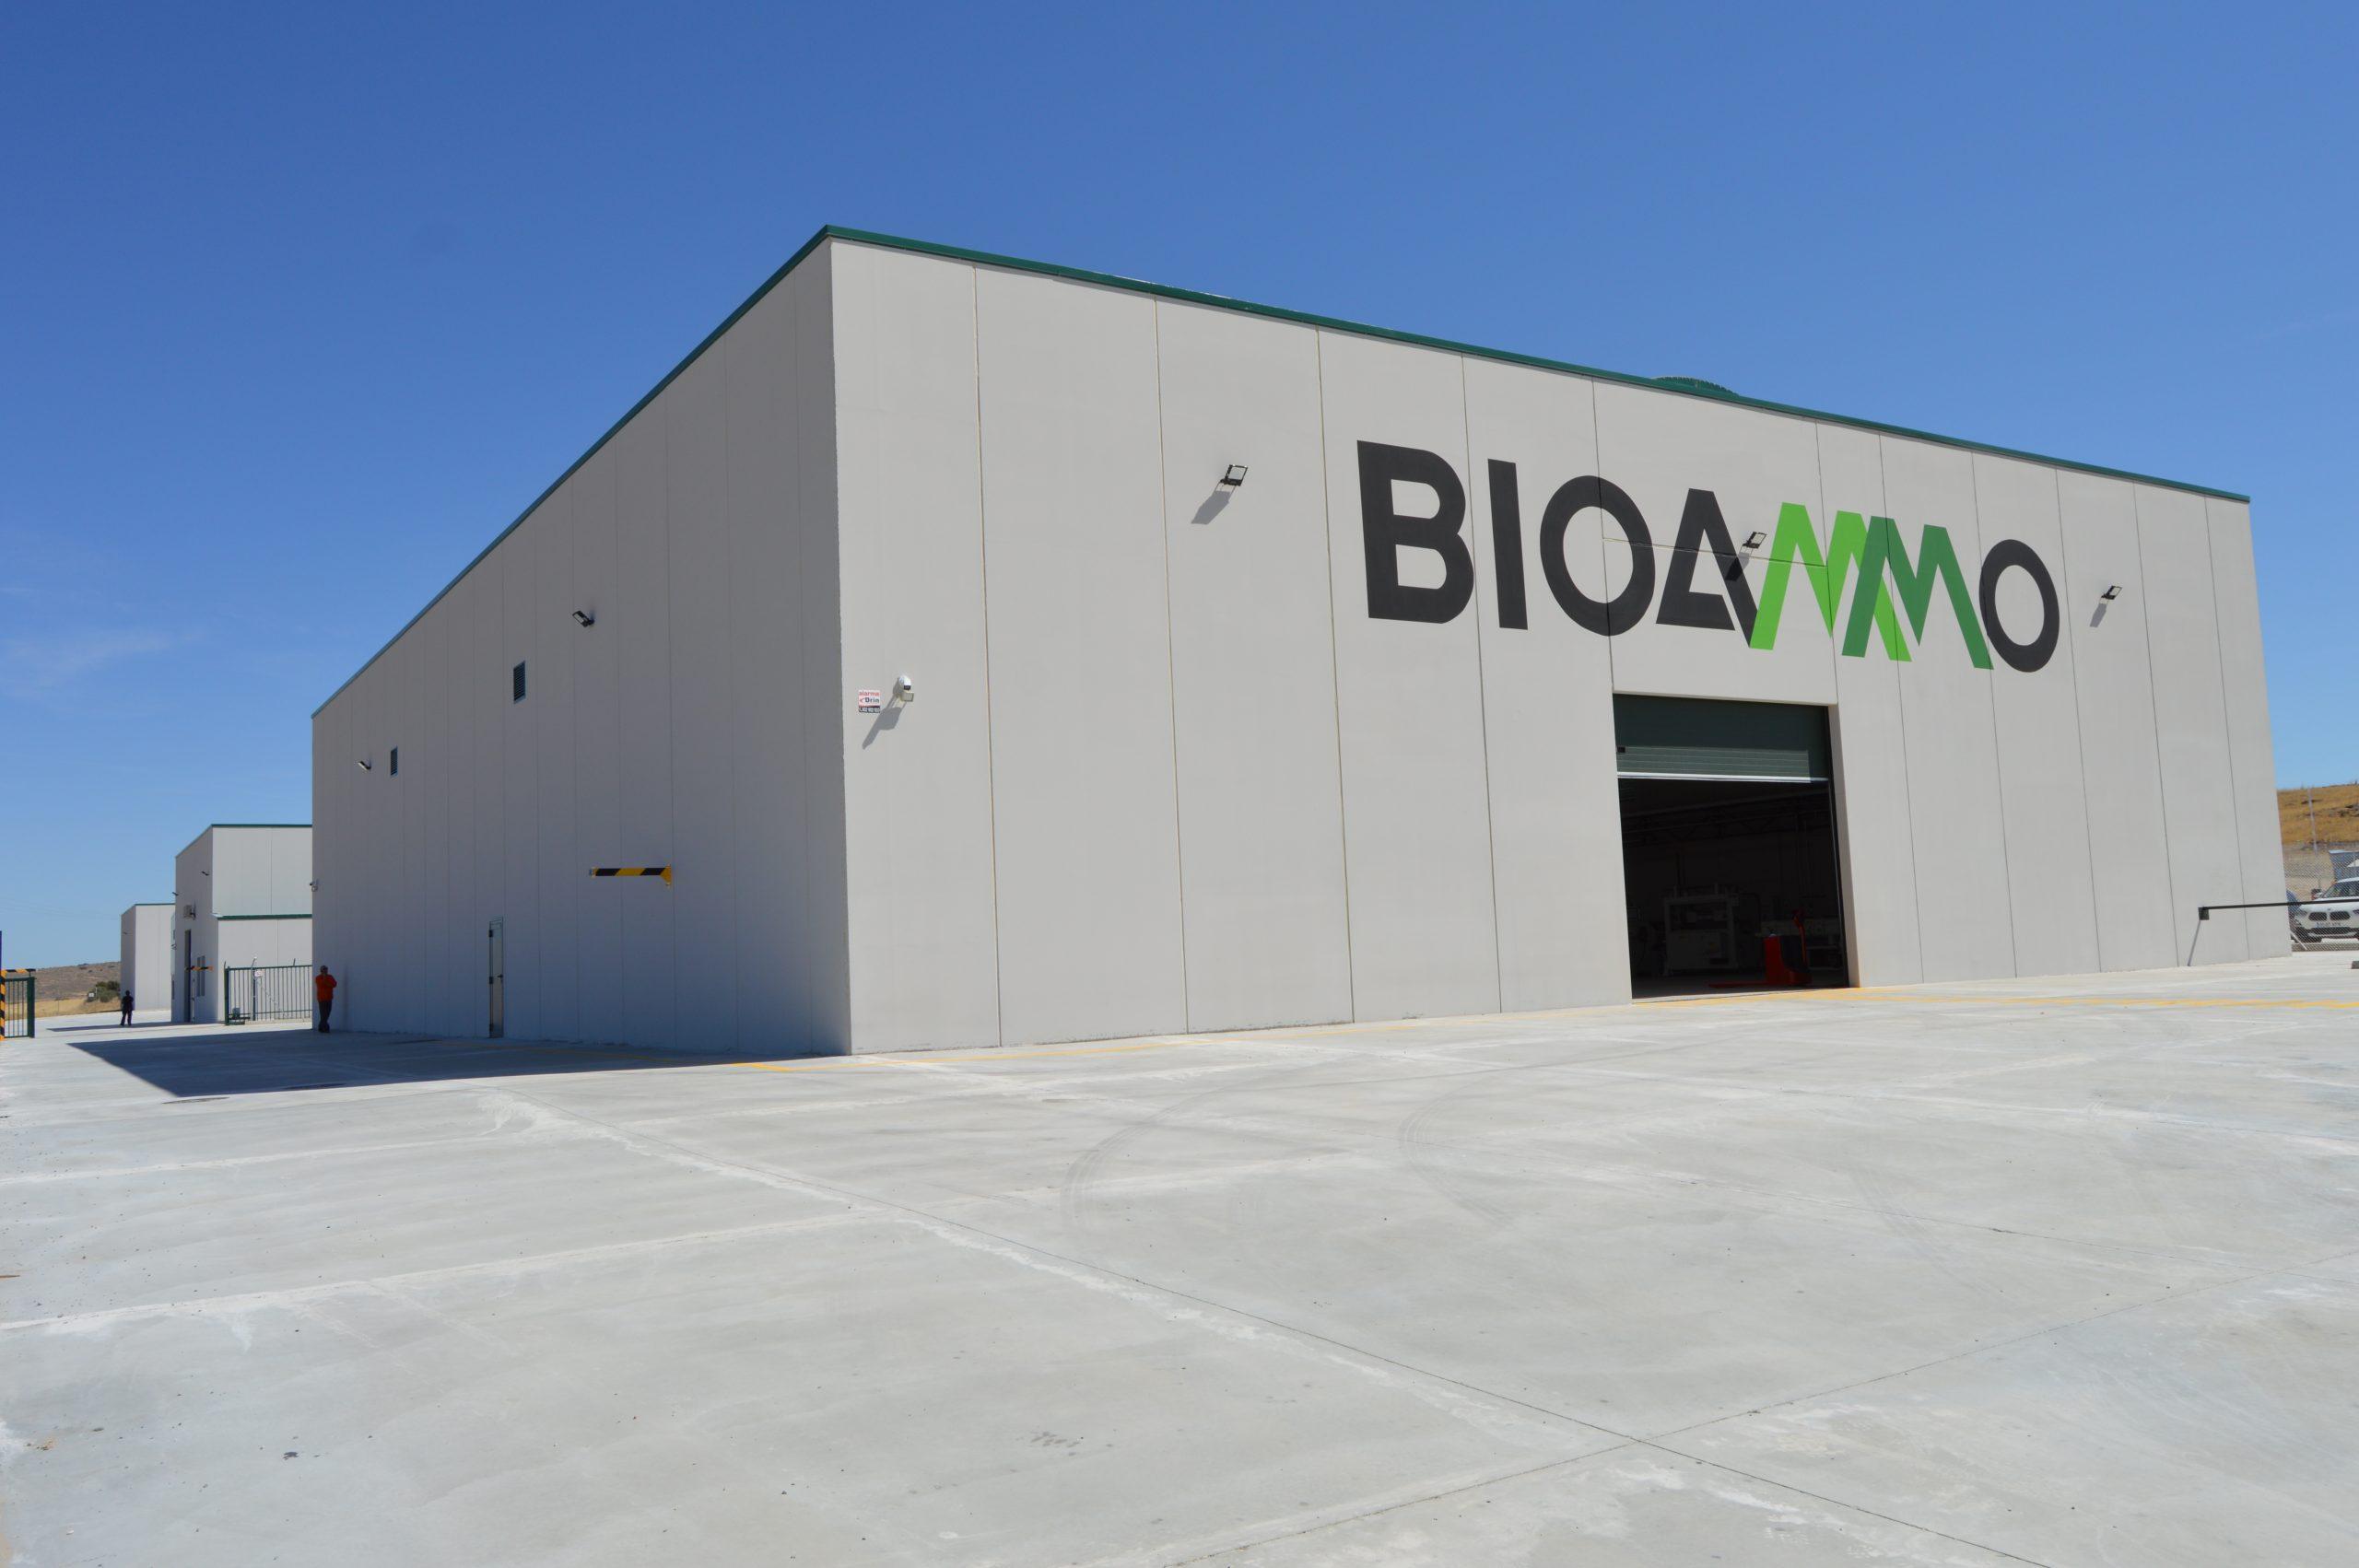 Segovia, el centro mundial de la munición biodegradable